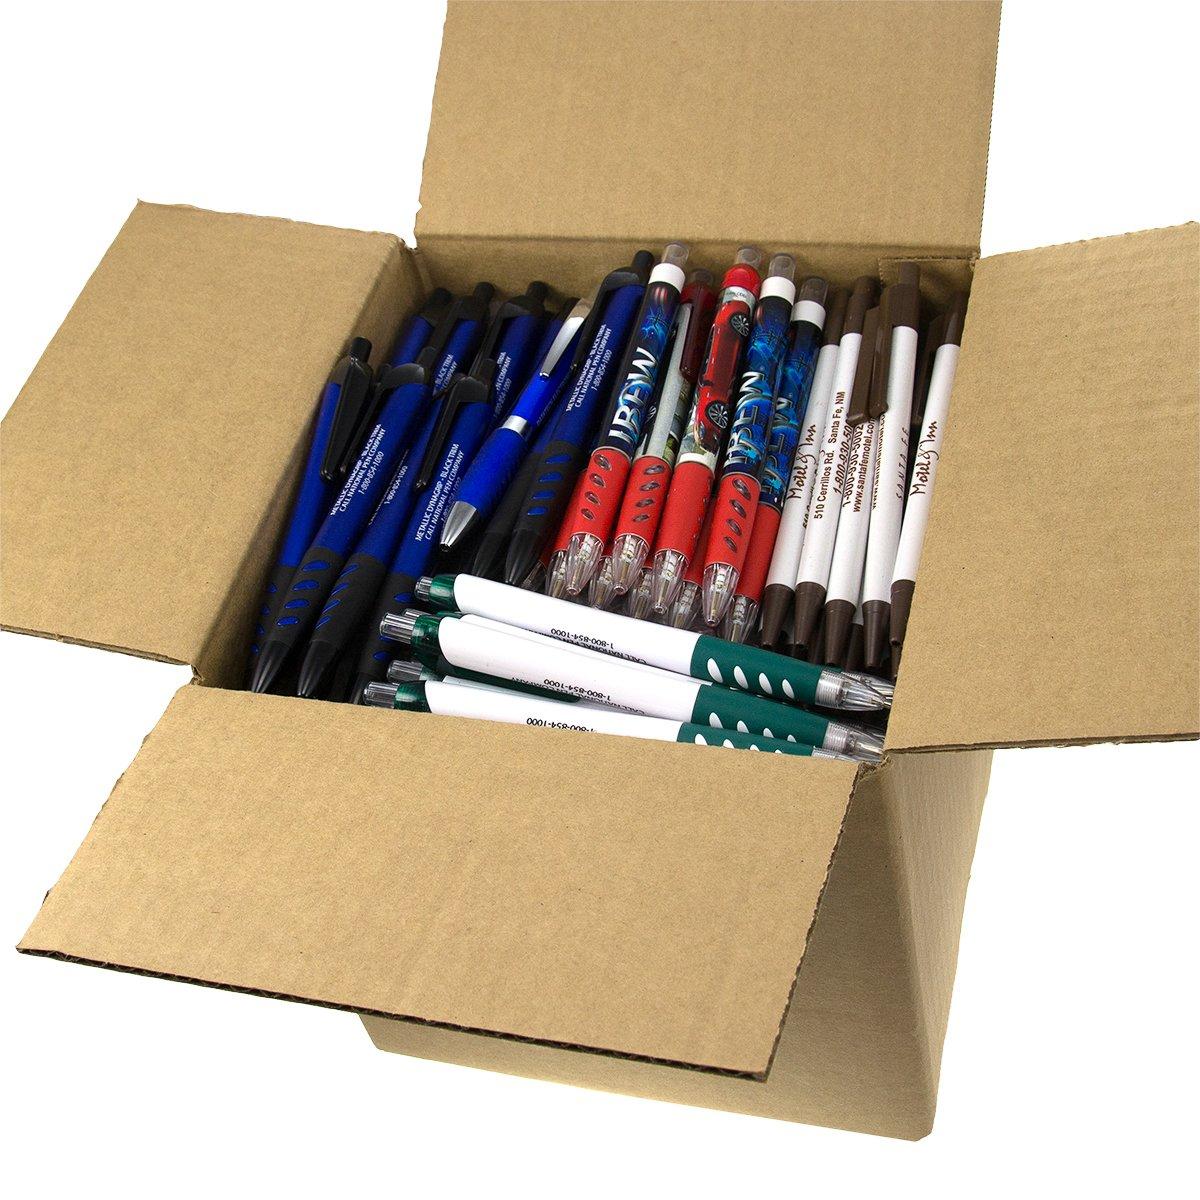 5lb Box of Assorted Misprint Ink Pens Ballpoint Retractable Office Big Bulk Lot